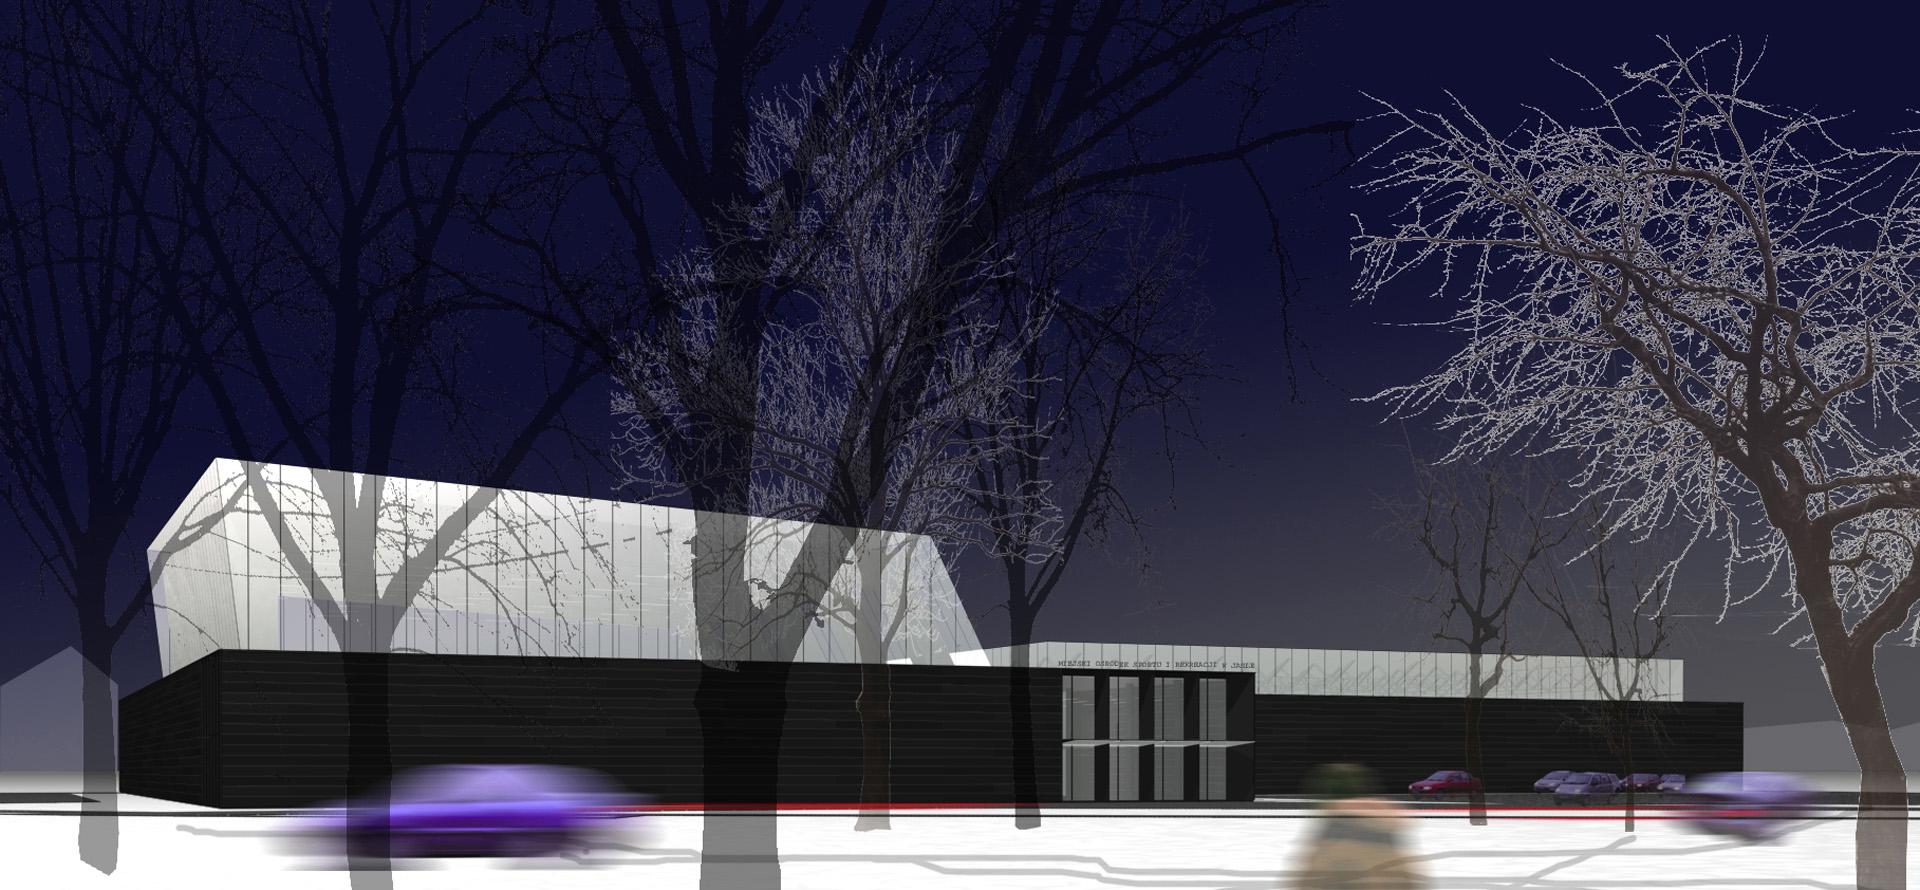 Miejski Ośrodek Sportu w Jaśle - pierwsza nagroda BAZA architekci